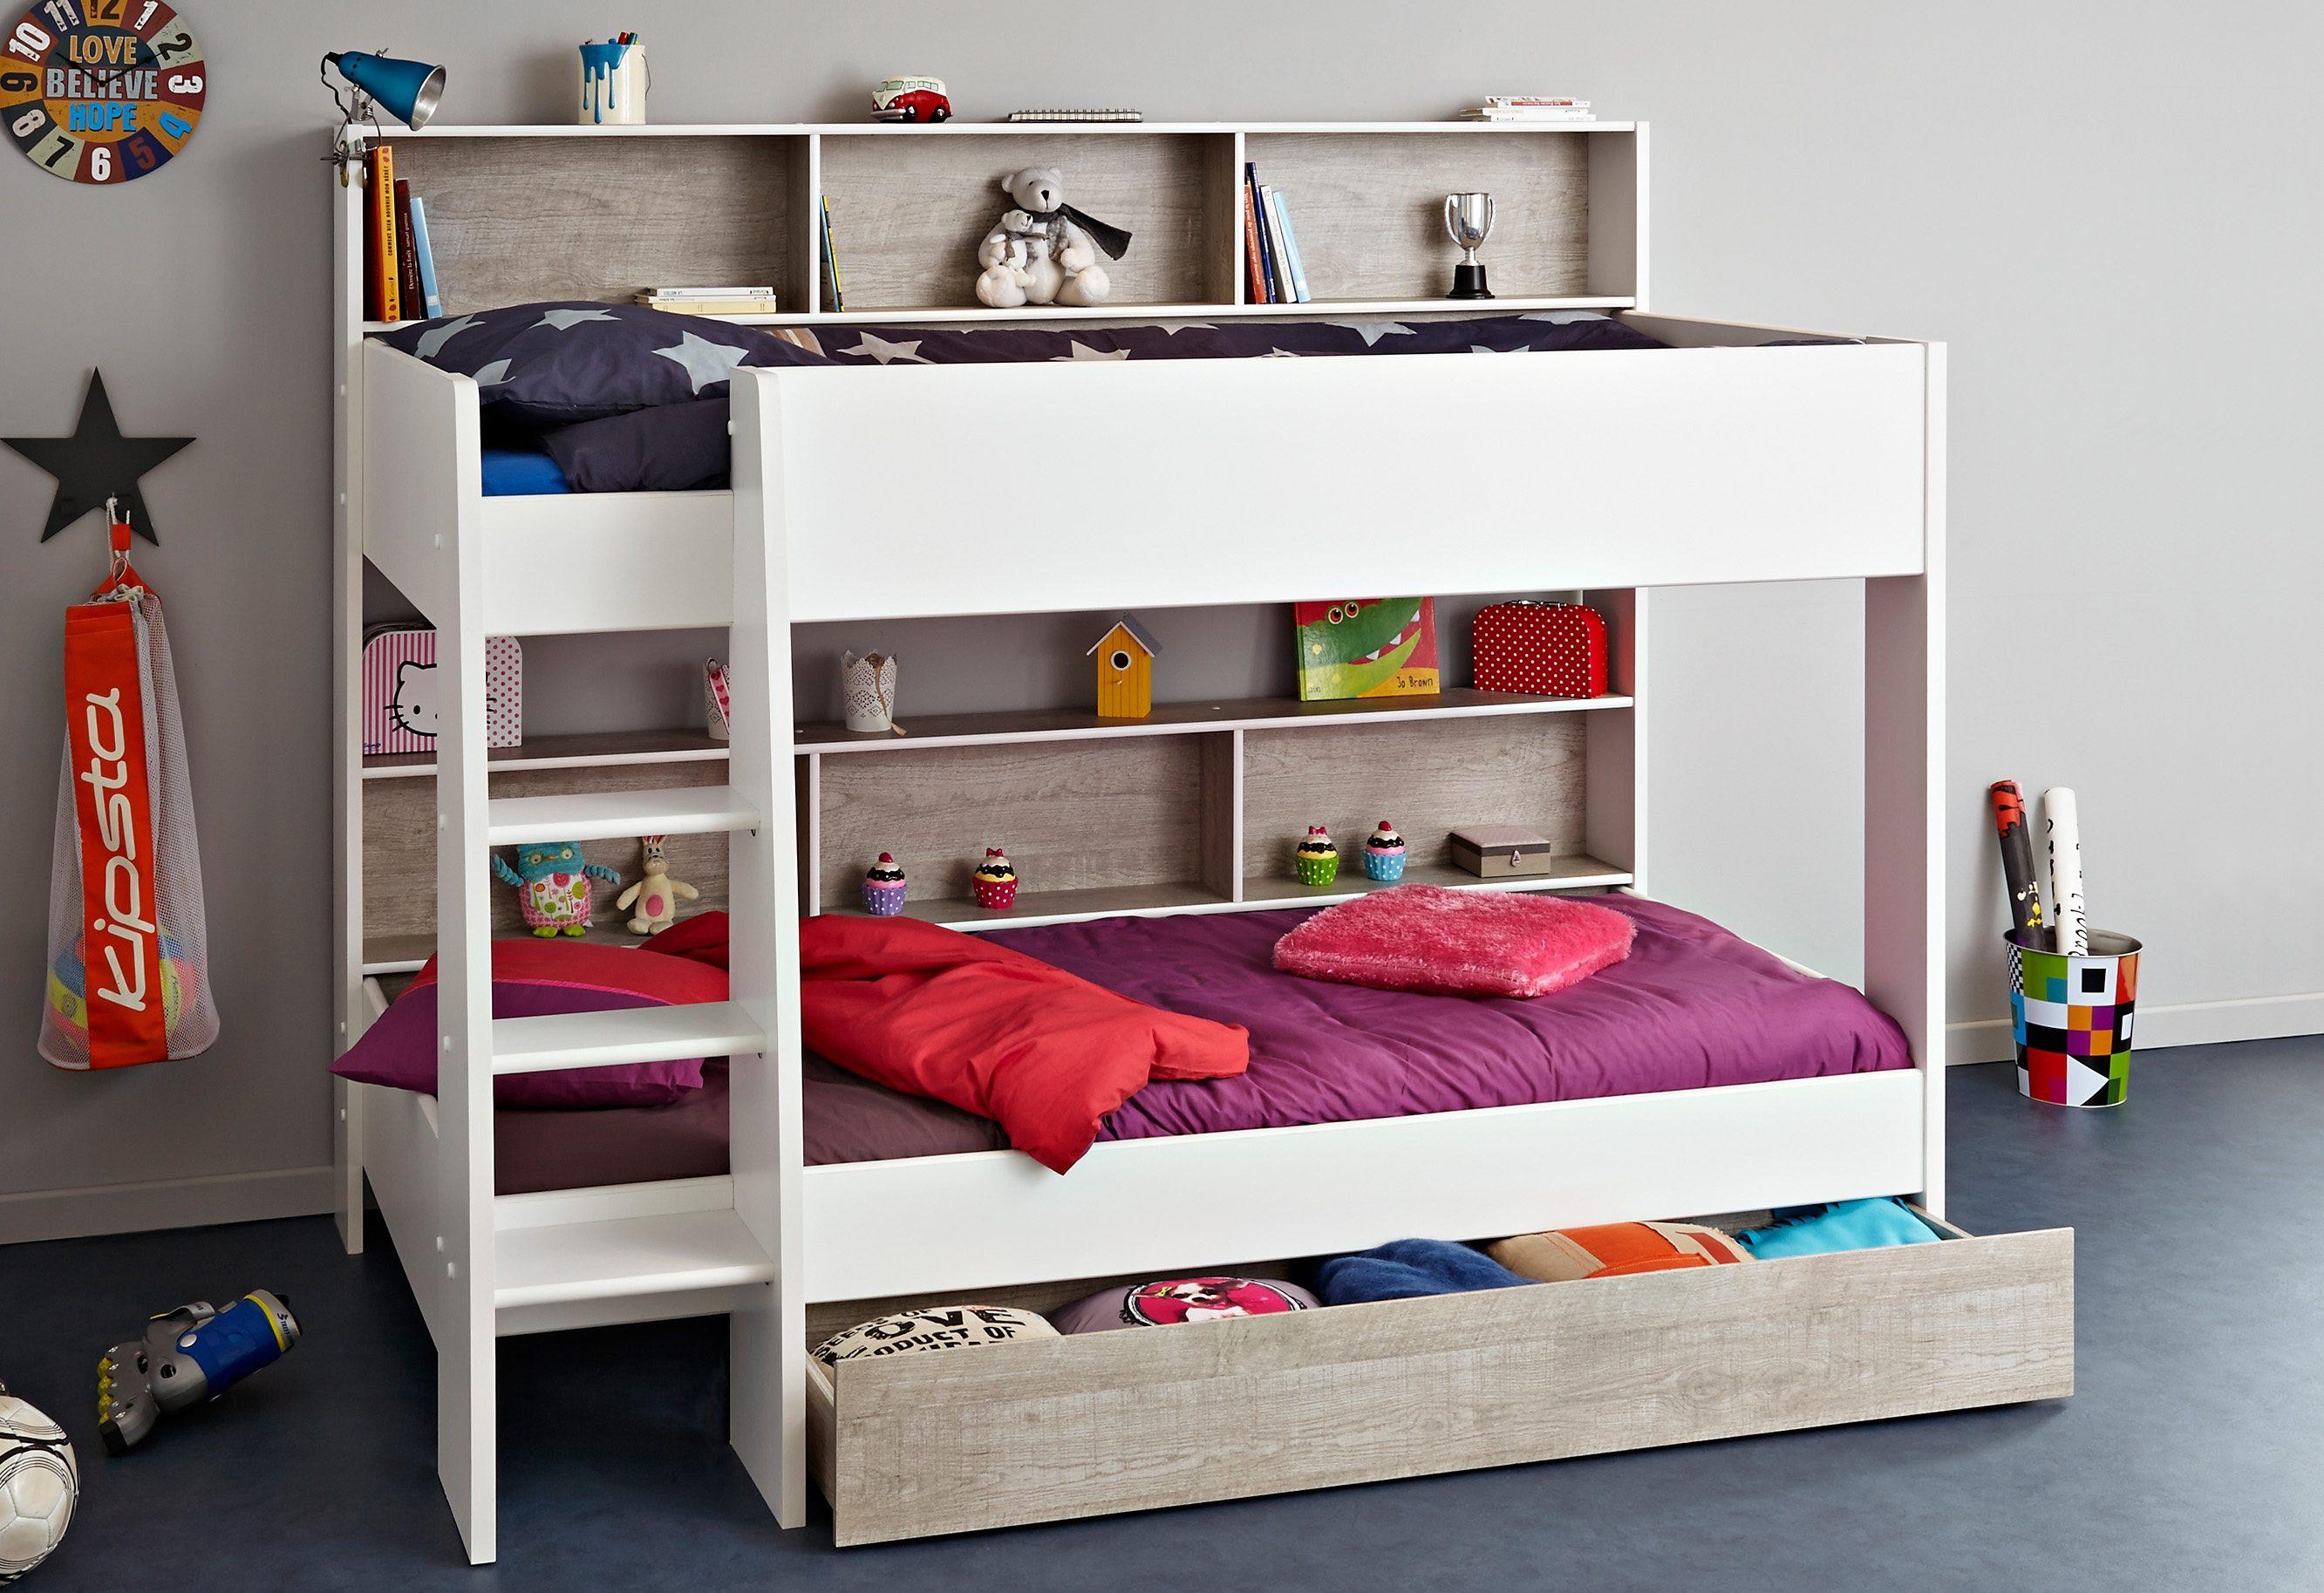 Etagenbett Für Kinder Mit Stauraum : Etagenbett doppelstockbett online kaufen stockbett otto